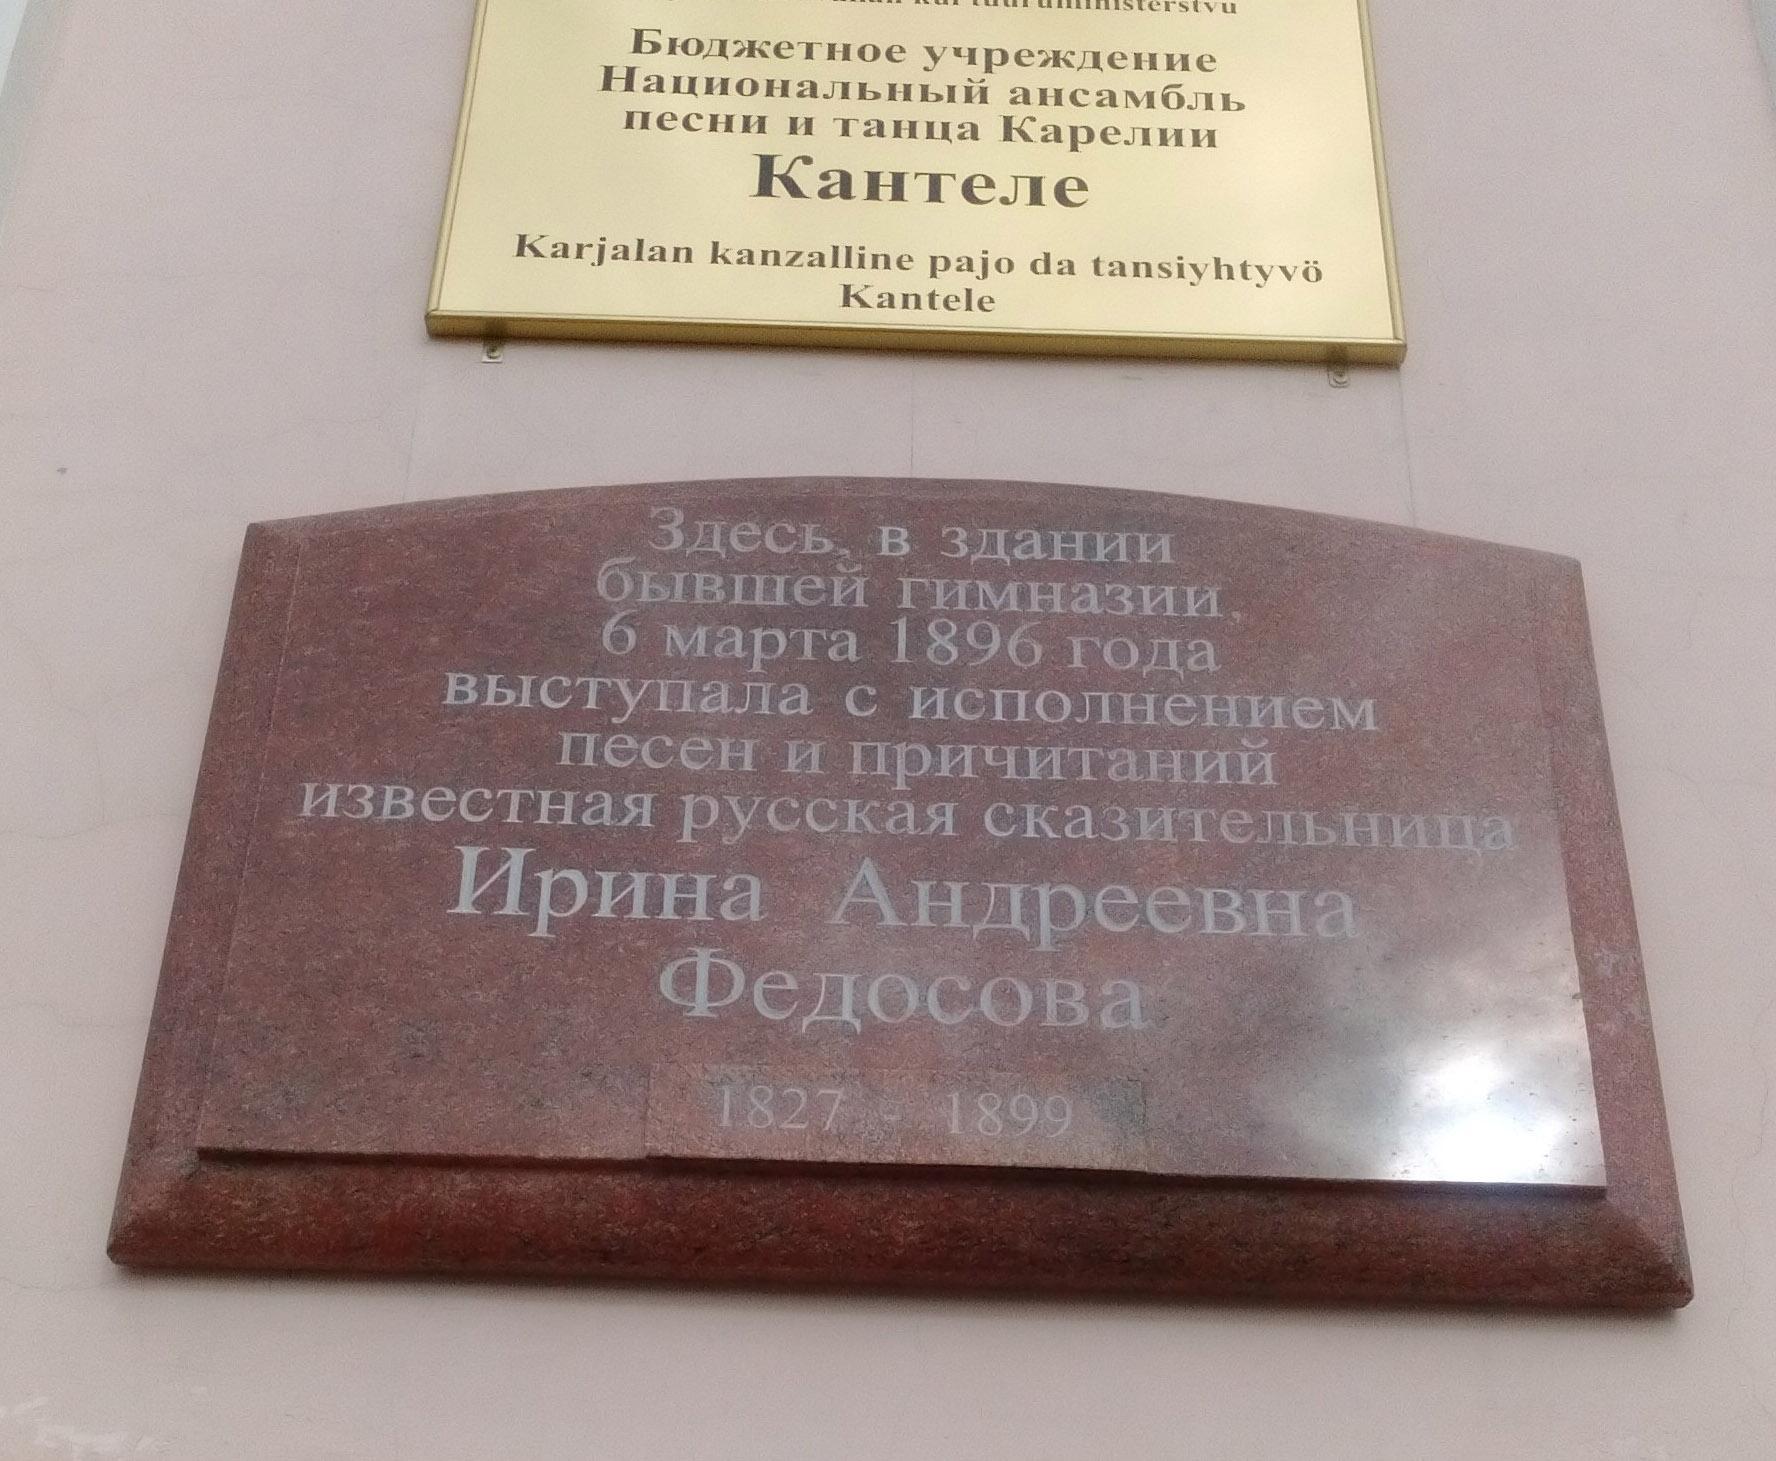 """Памятная доска на стене здания ансамбля """"Кантеле"""" в Петрозаводске. Фото: vk.com"""